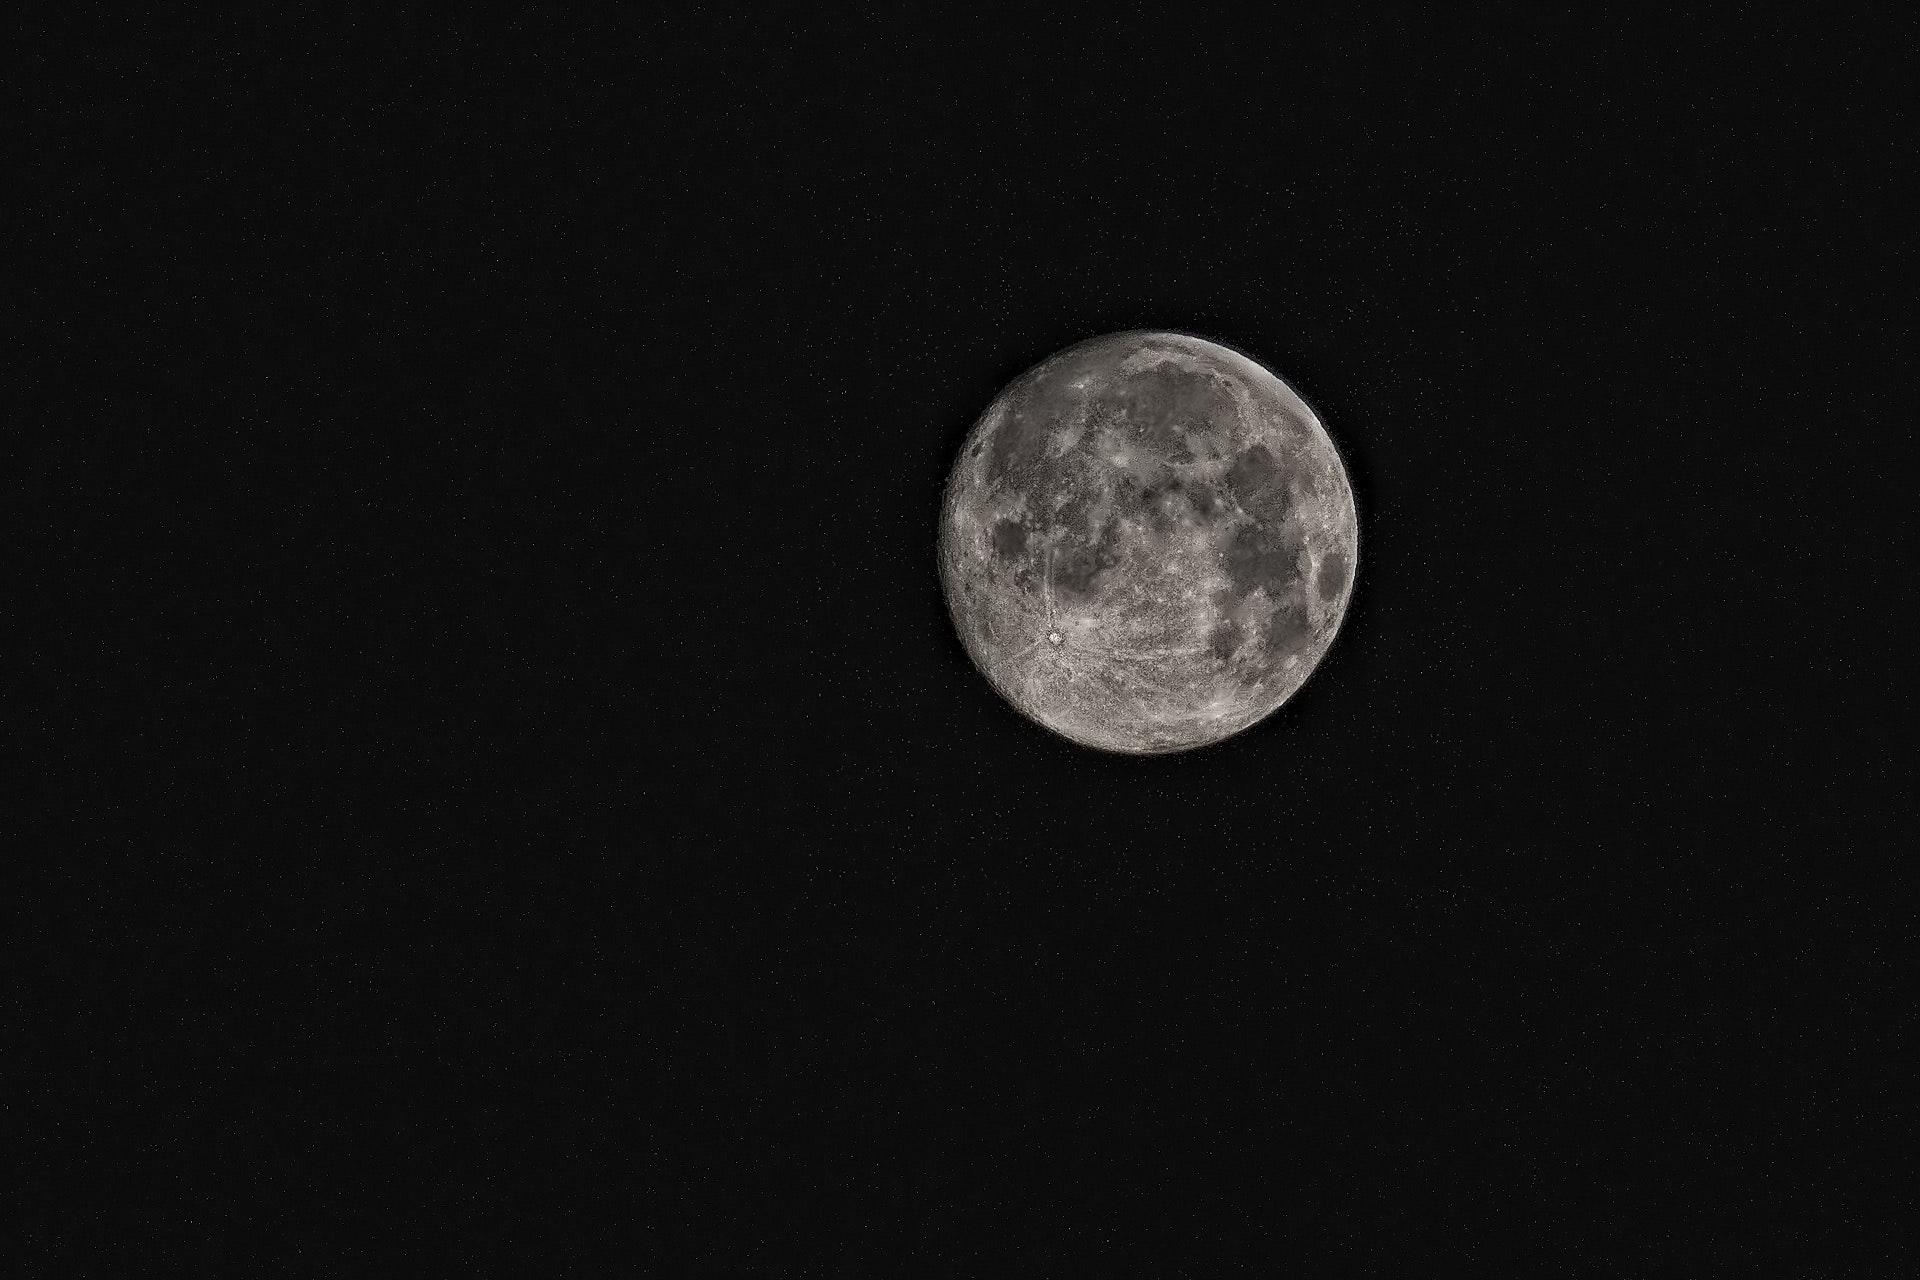 La Superluna llena de este 19 de febrero no se repetirá hasta 2026